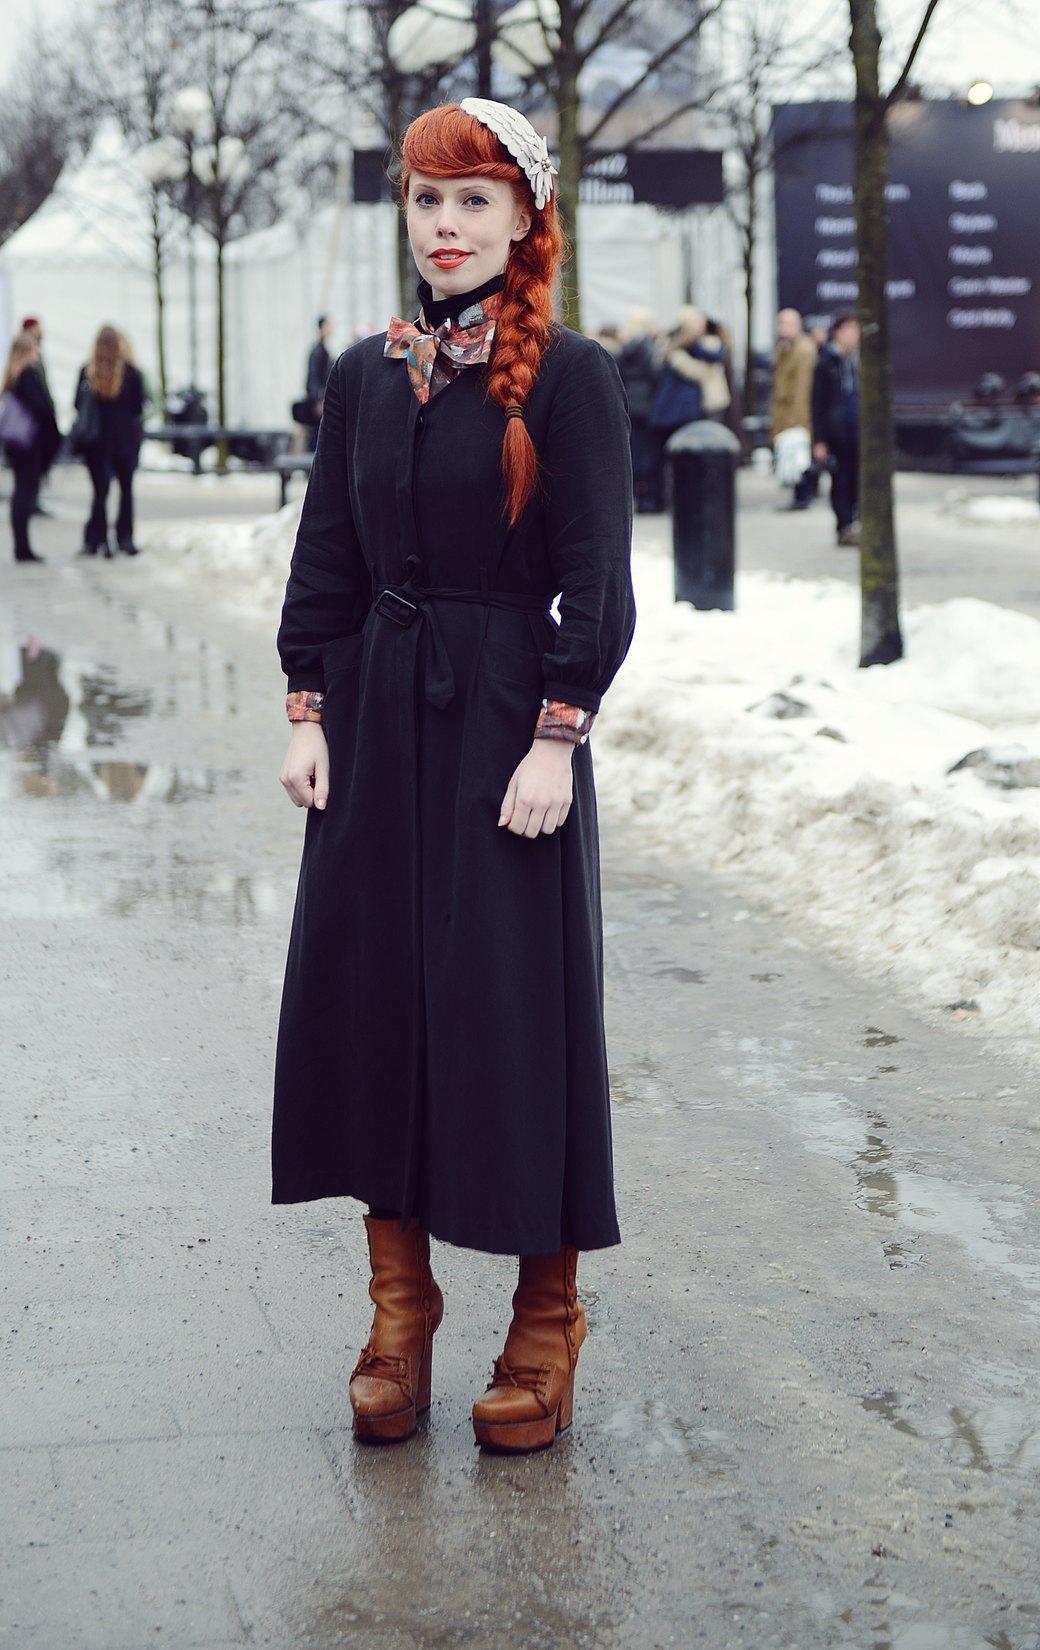 Шубы и горох на Stockholm Fashion Week. Изображение № 14.